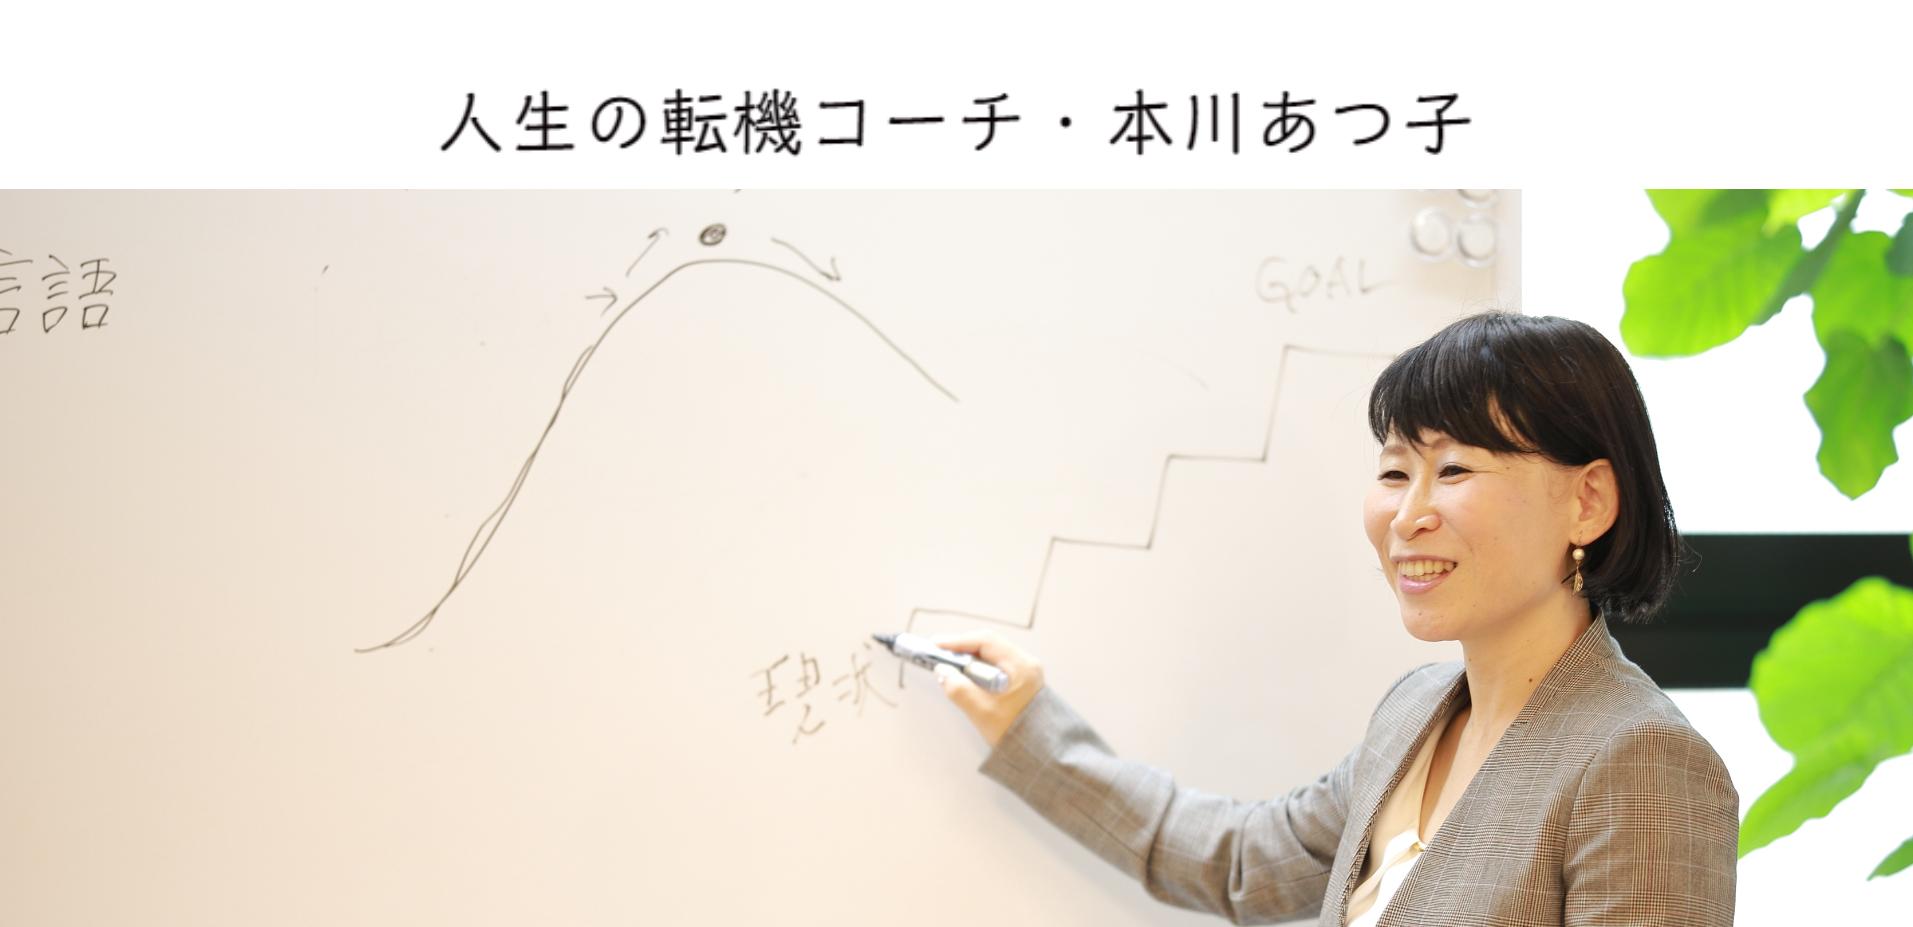 女性の人生転機のカウンセリング/コーチング 本川あつこ【奈良・法隆寺】